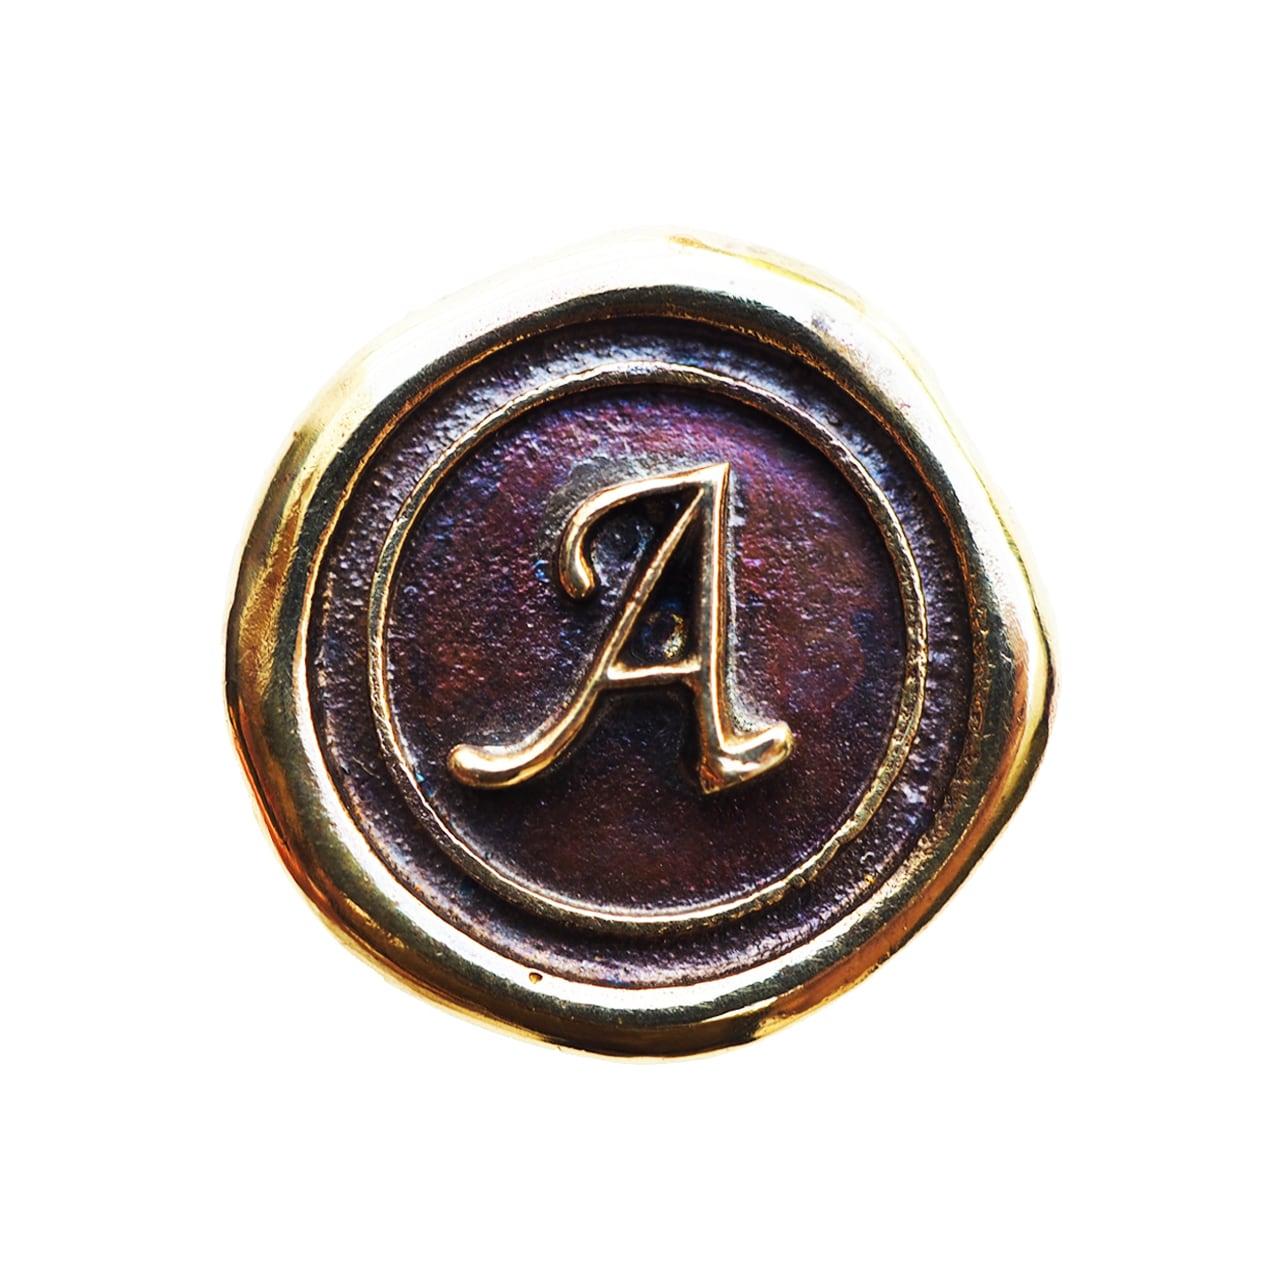 シーリングイニシャル S 〈A〉 ブラス / コンチョボタン